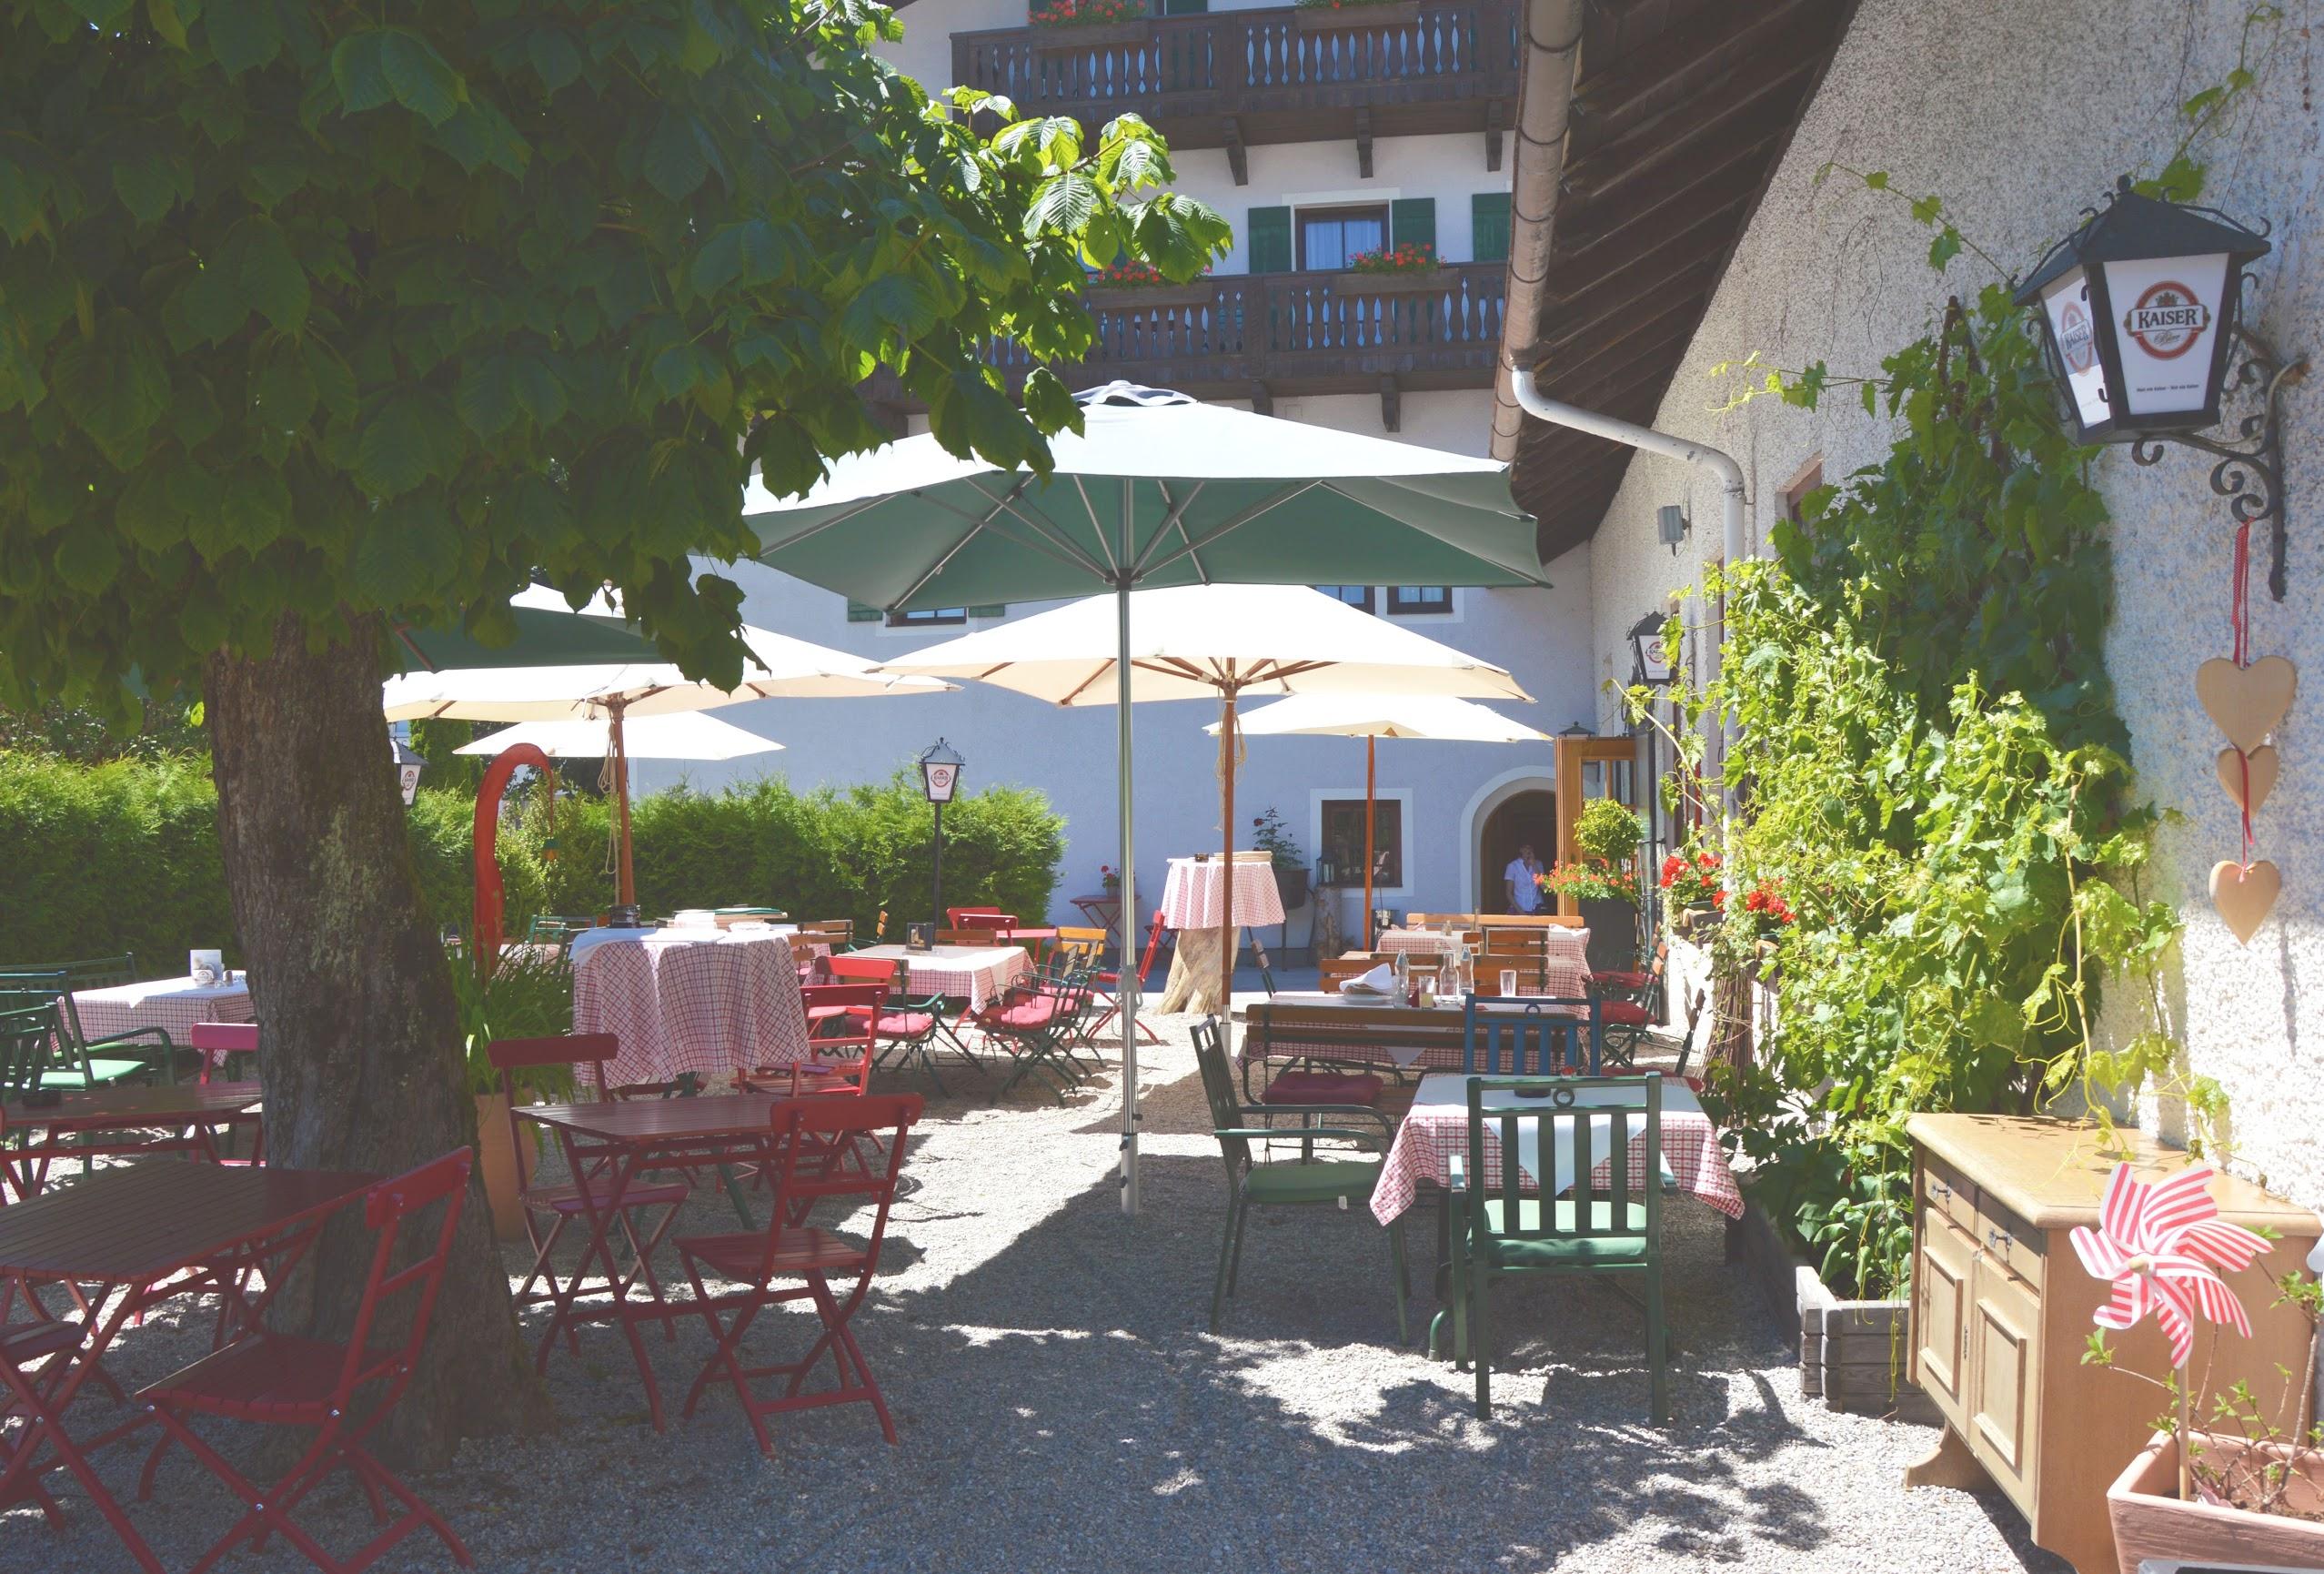 dagtrips-salzburg